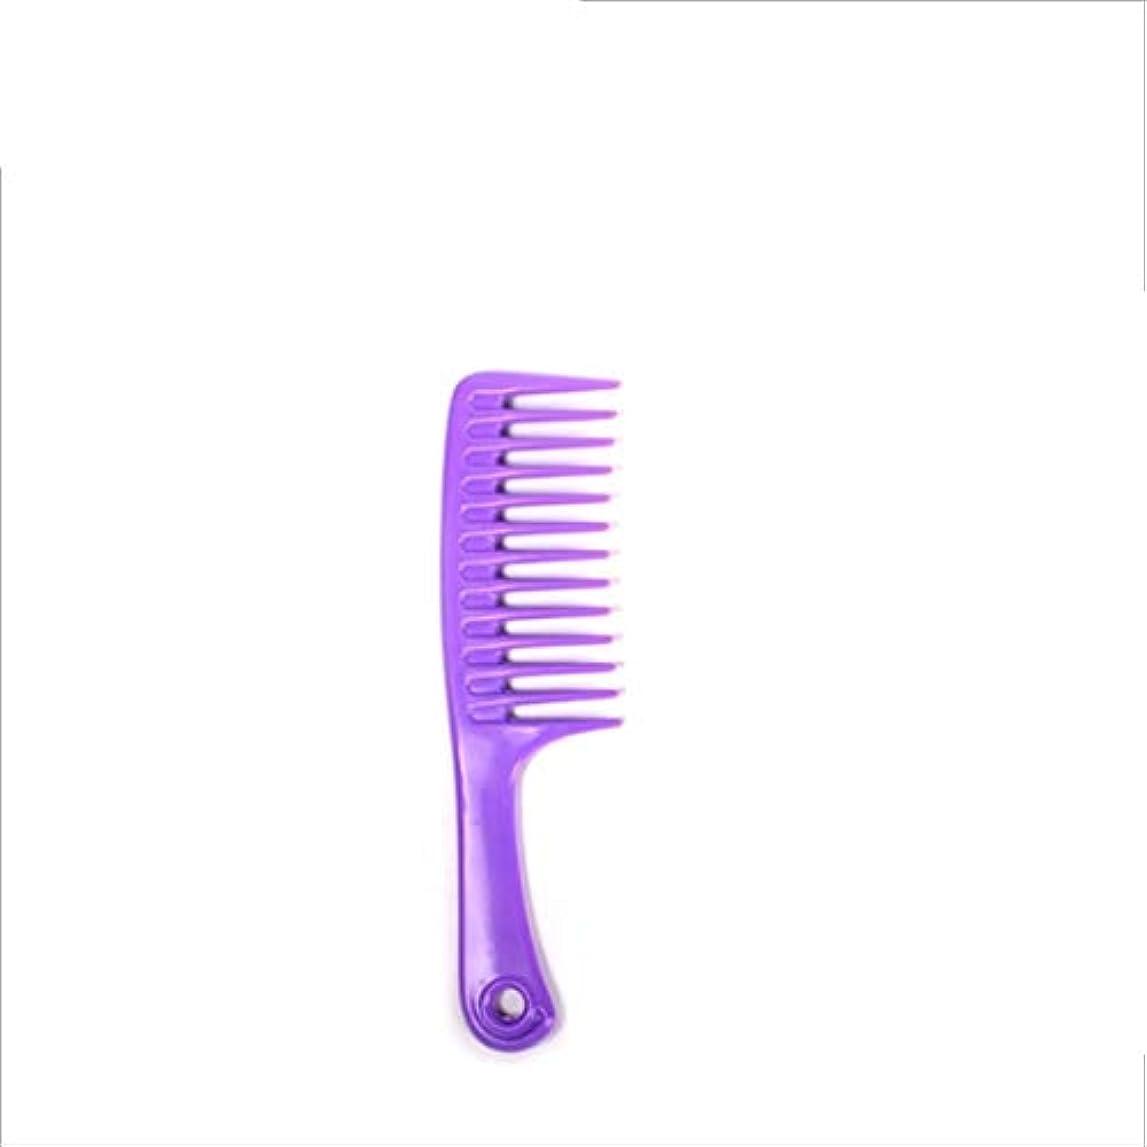 ホーム人物哀プラスチックのための大きい歯が付いているゴム製櫛および色のVary-24.5cmの帯電防止ほぐれの櫛 ヘアケア (色 : 紫の)